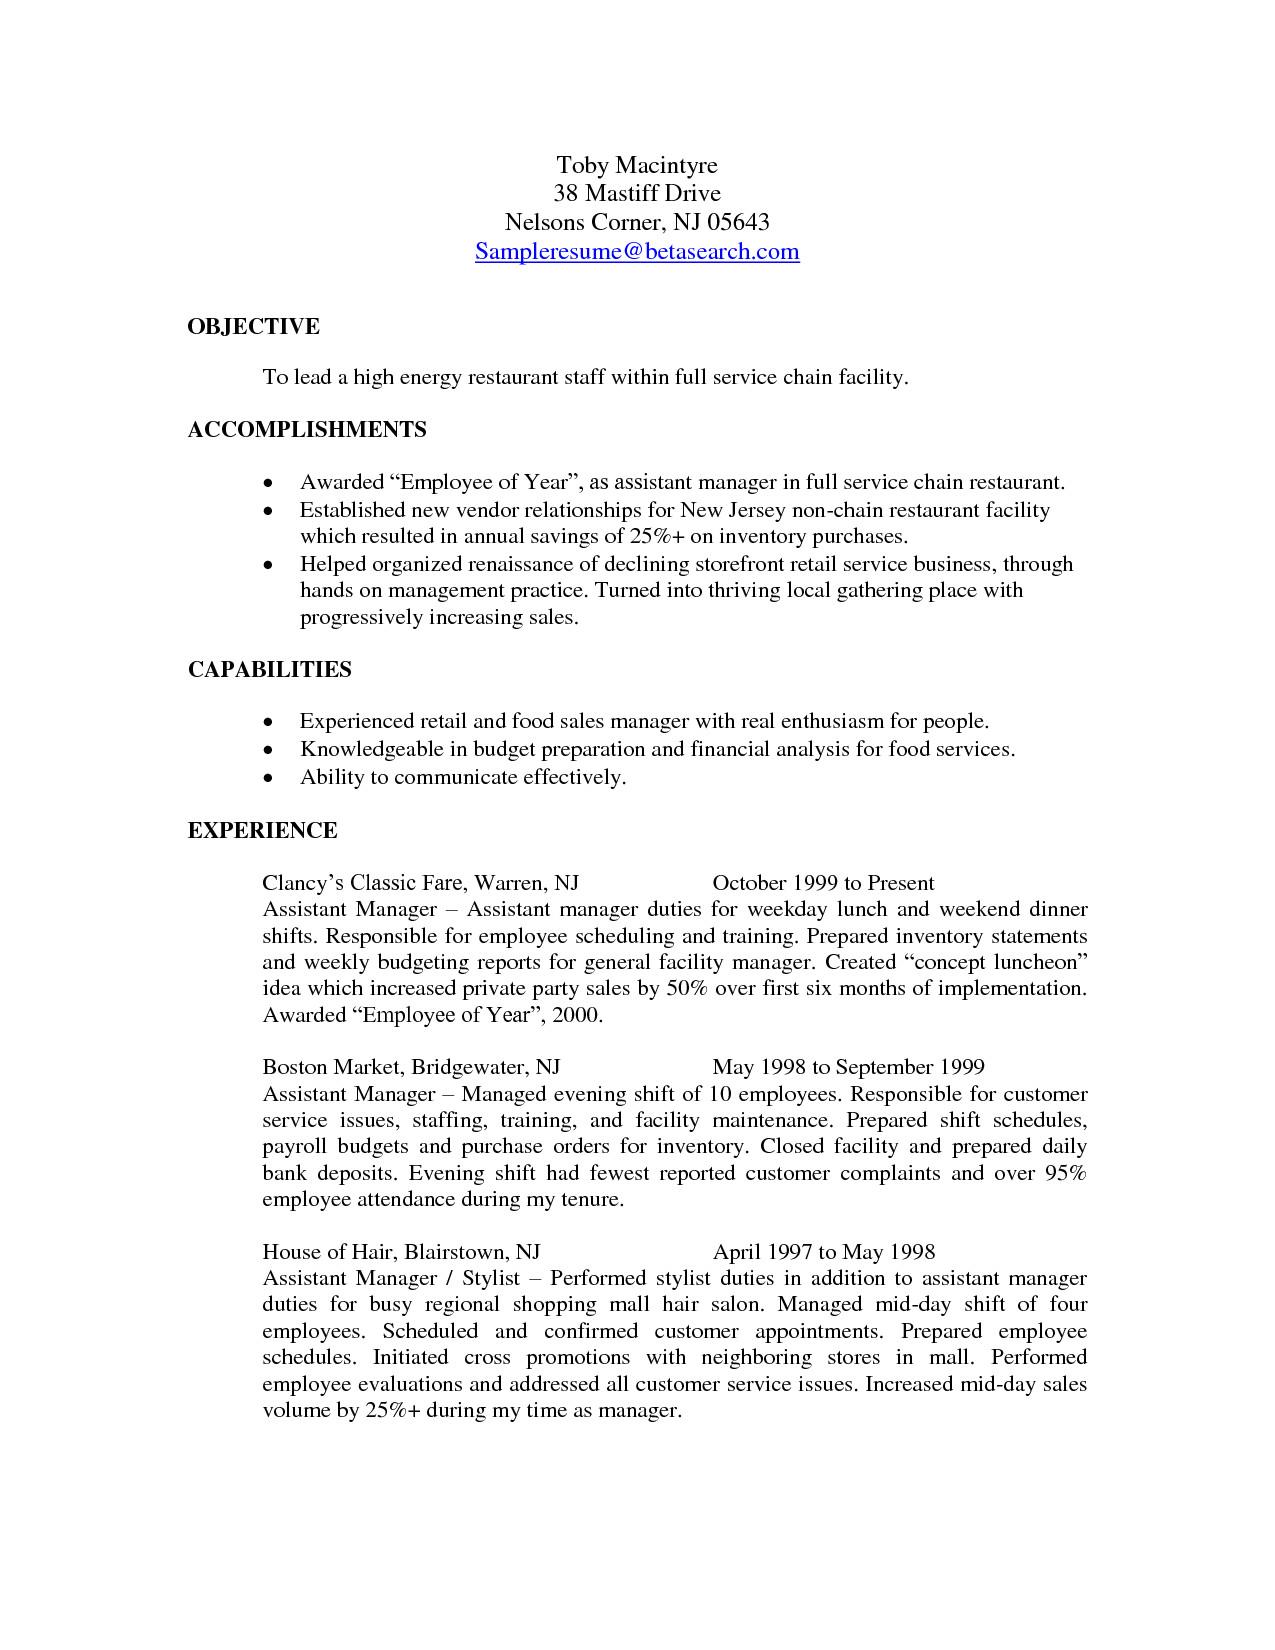 resume sample for ojt hotel and restaurant management